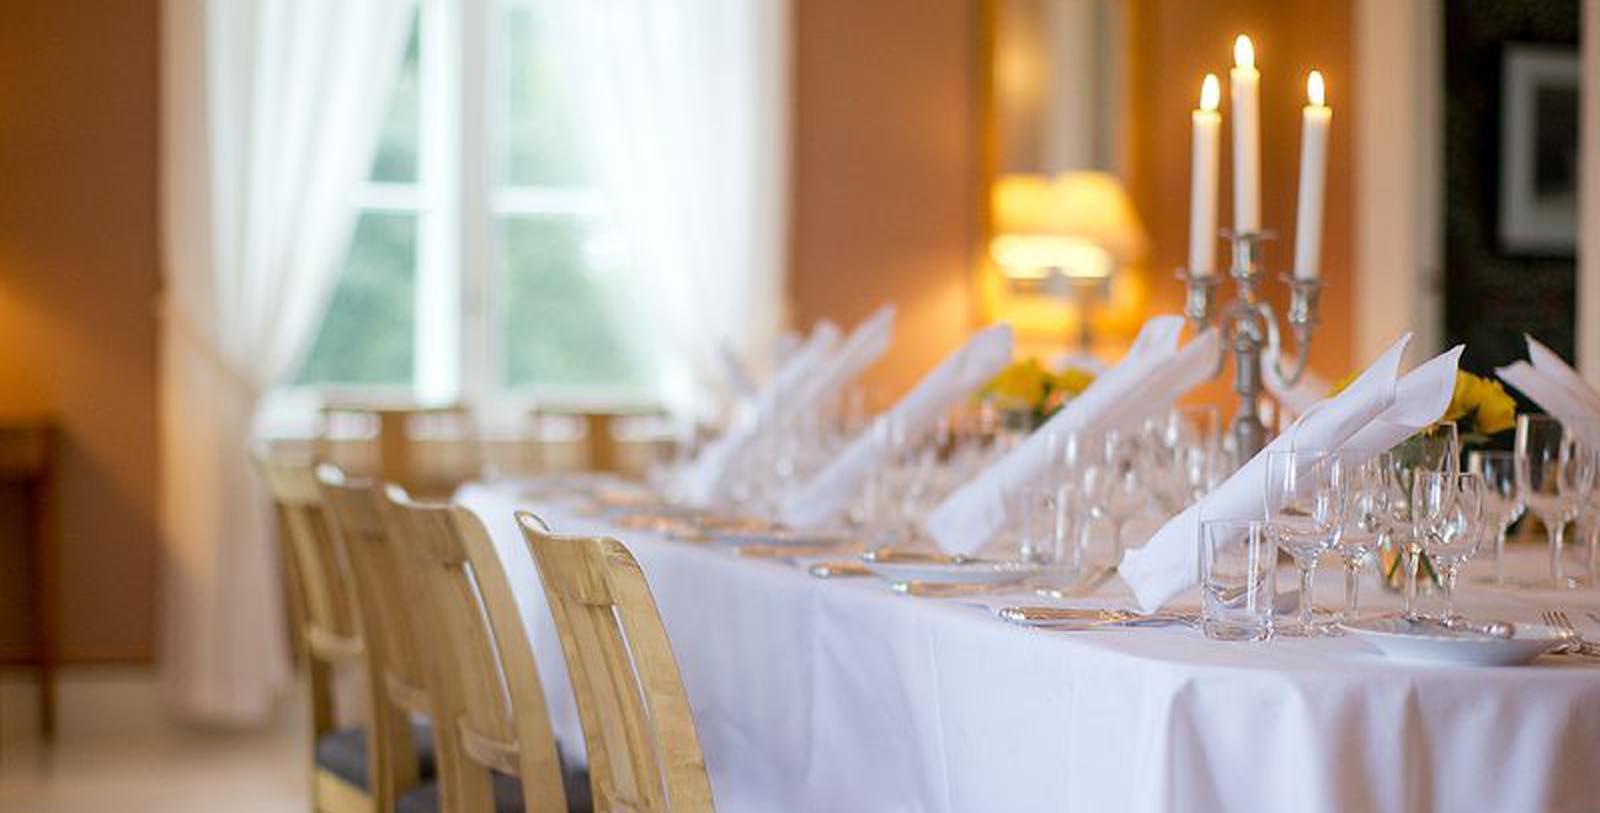 Image of Dining Area Høyevarde Fyrhotell, 1700, Member of Historic Hotels Worldwide, in Havik, Norway, Taste